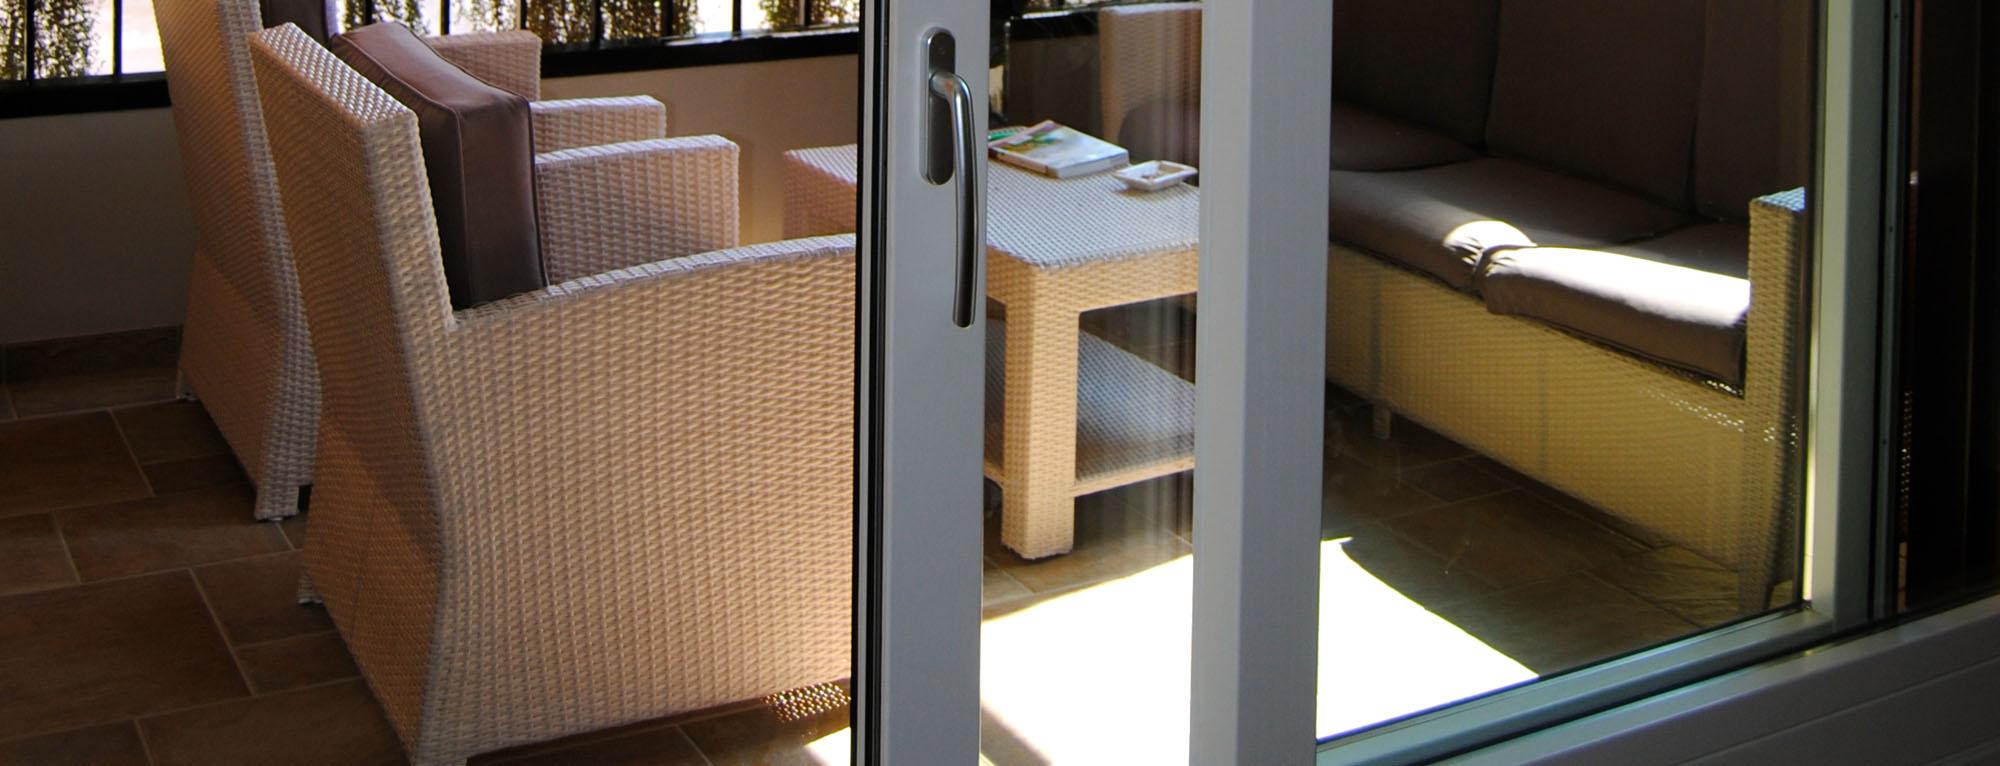 Infissi legno alluminio - Condensa su finestre in alluminio ...